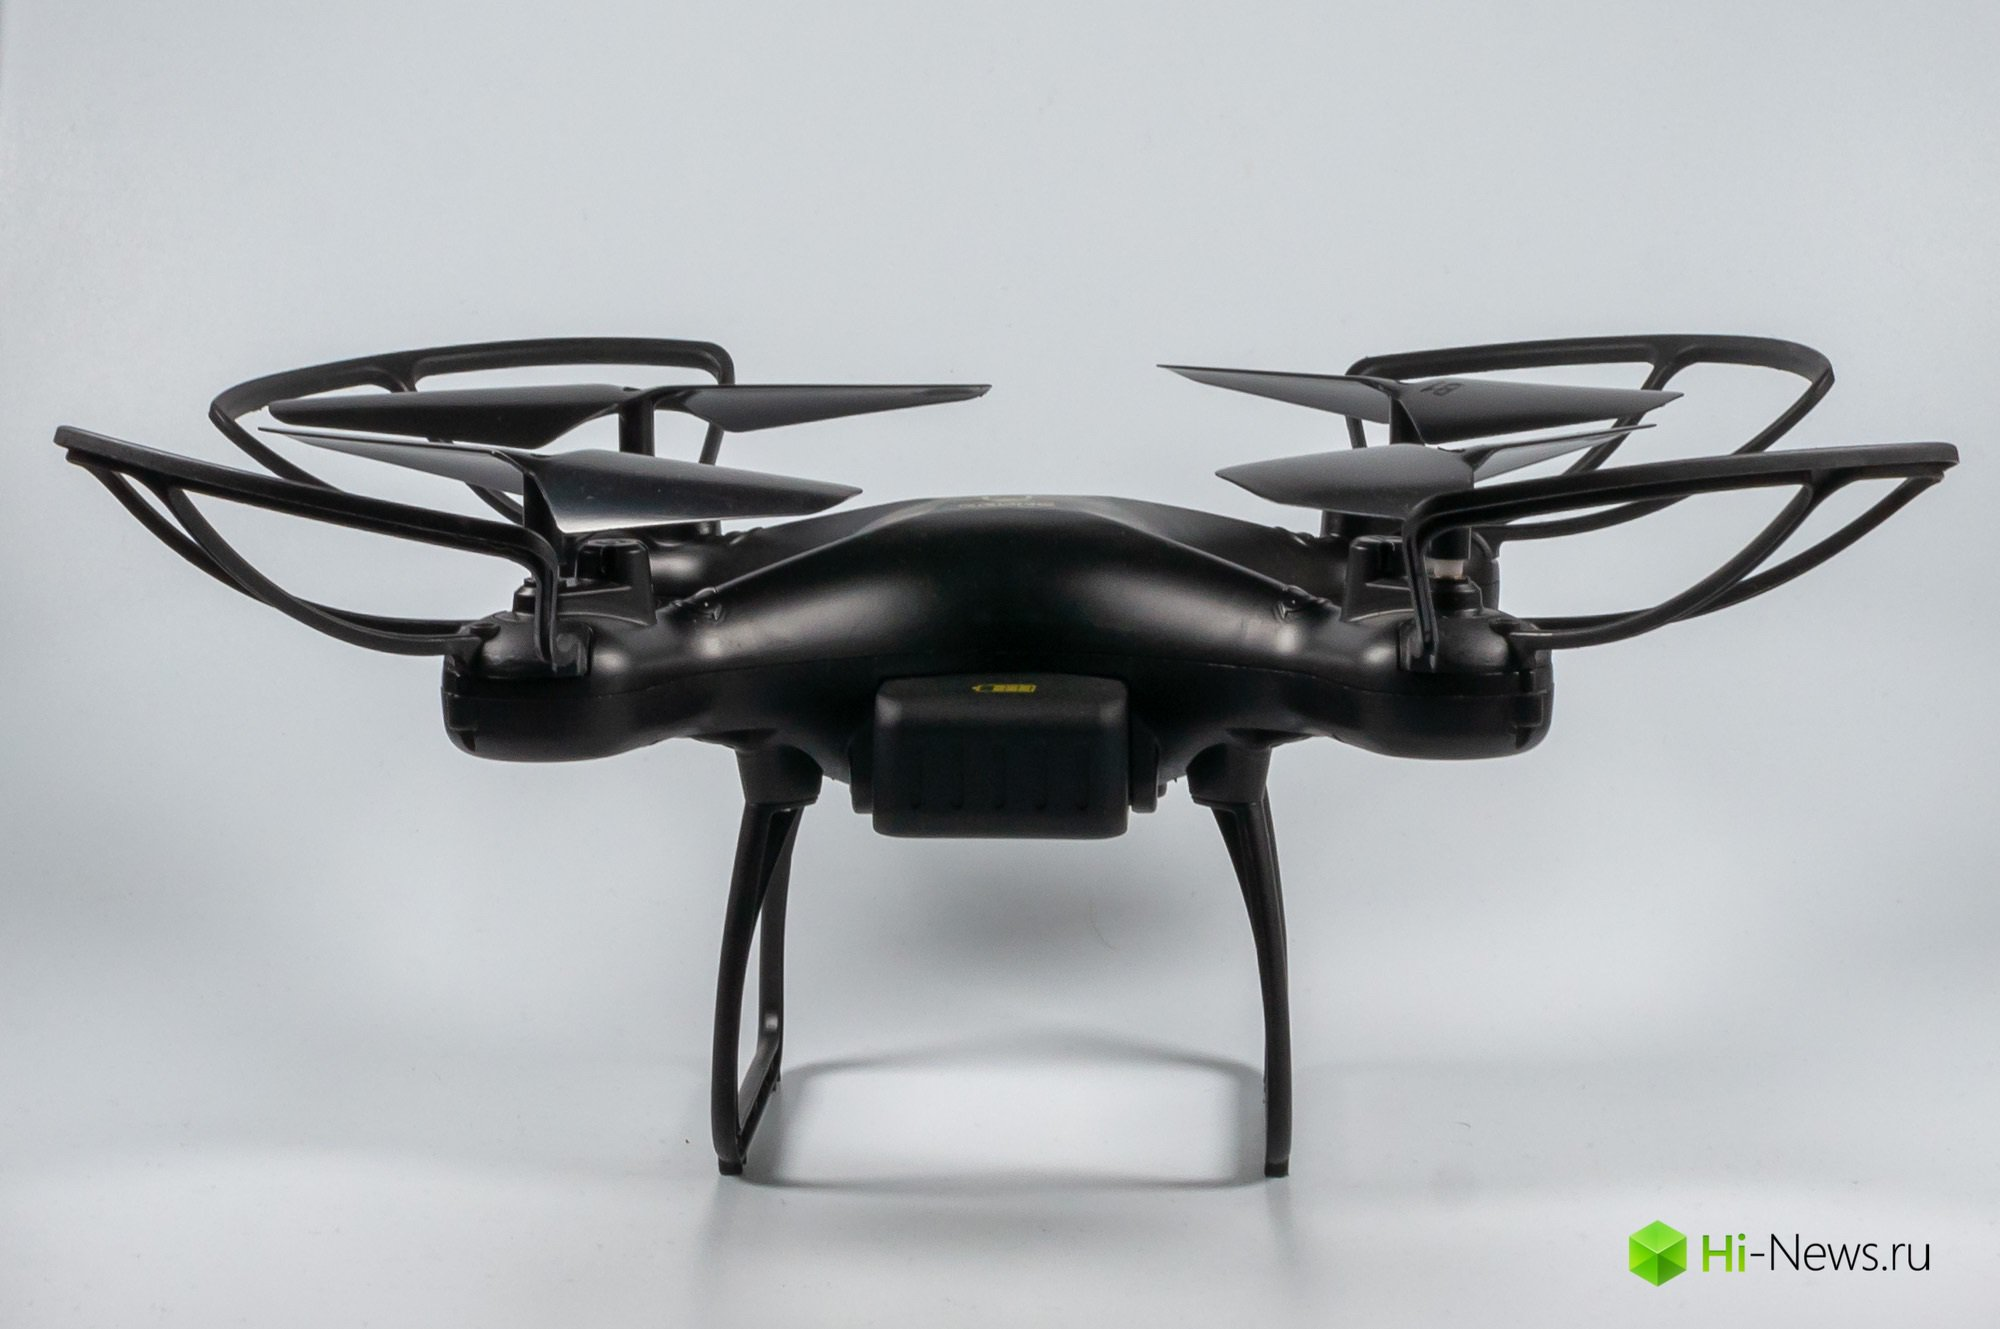 Обзор квадрокоптера Utoghter 69601 — недорогой вариант для новичков